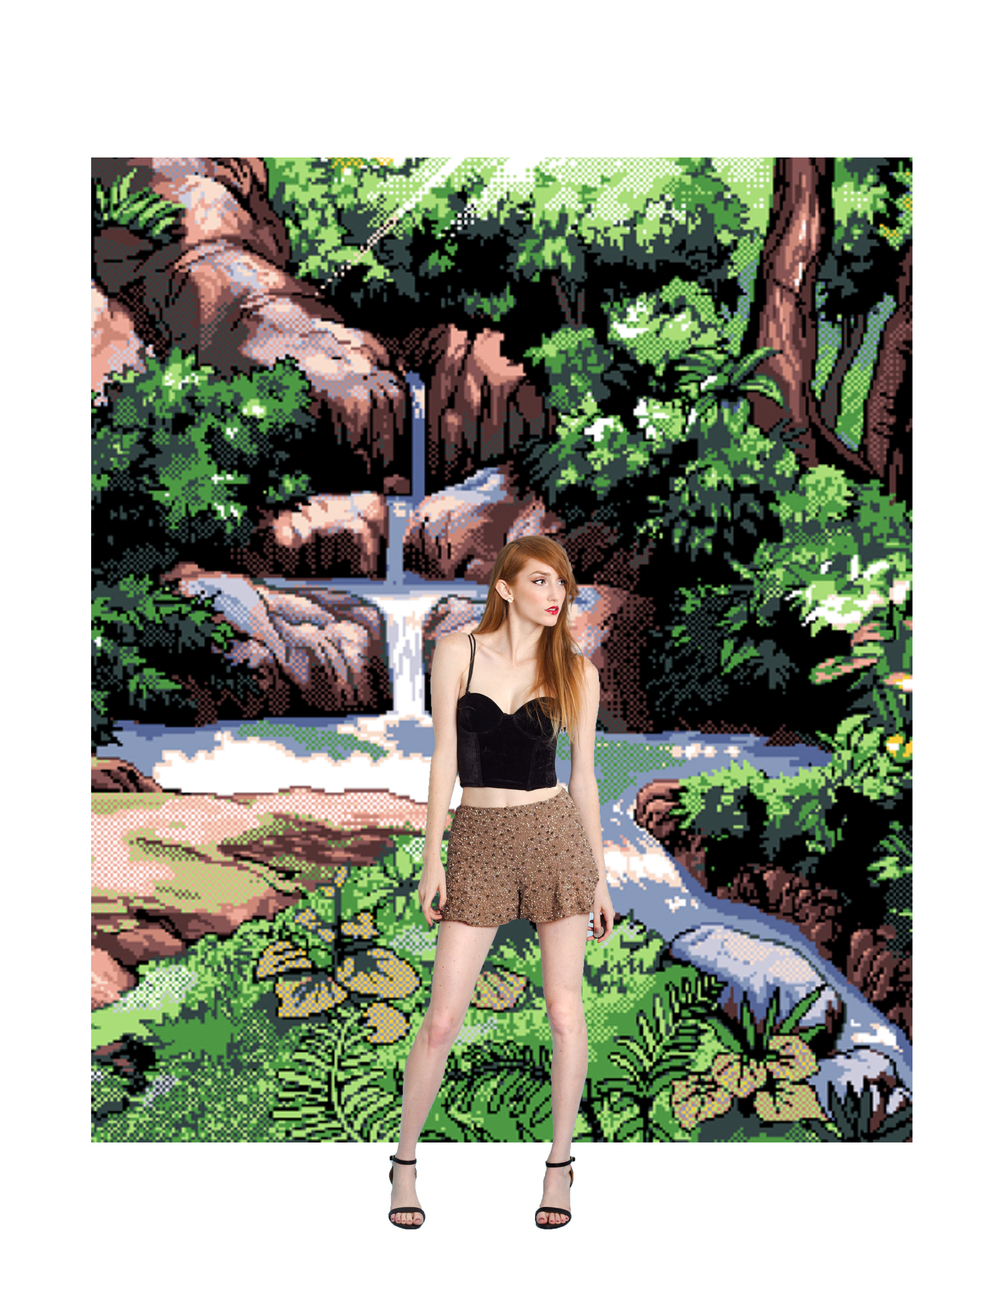 junglebooktime2.jpg